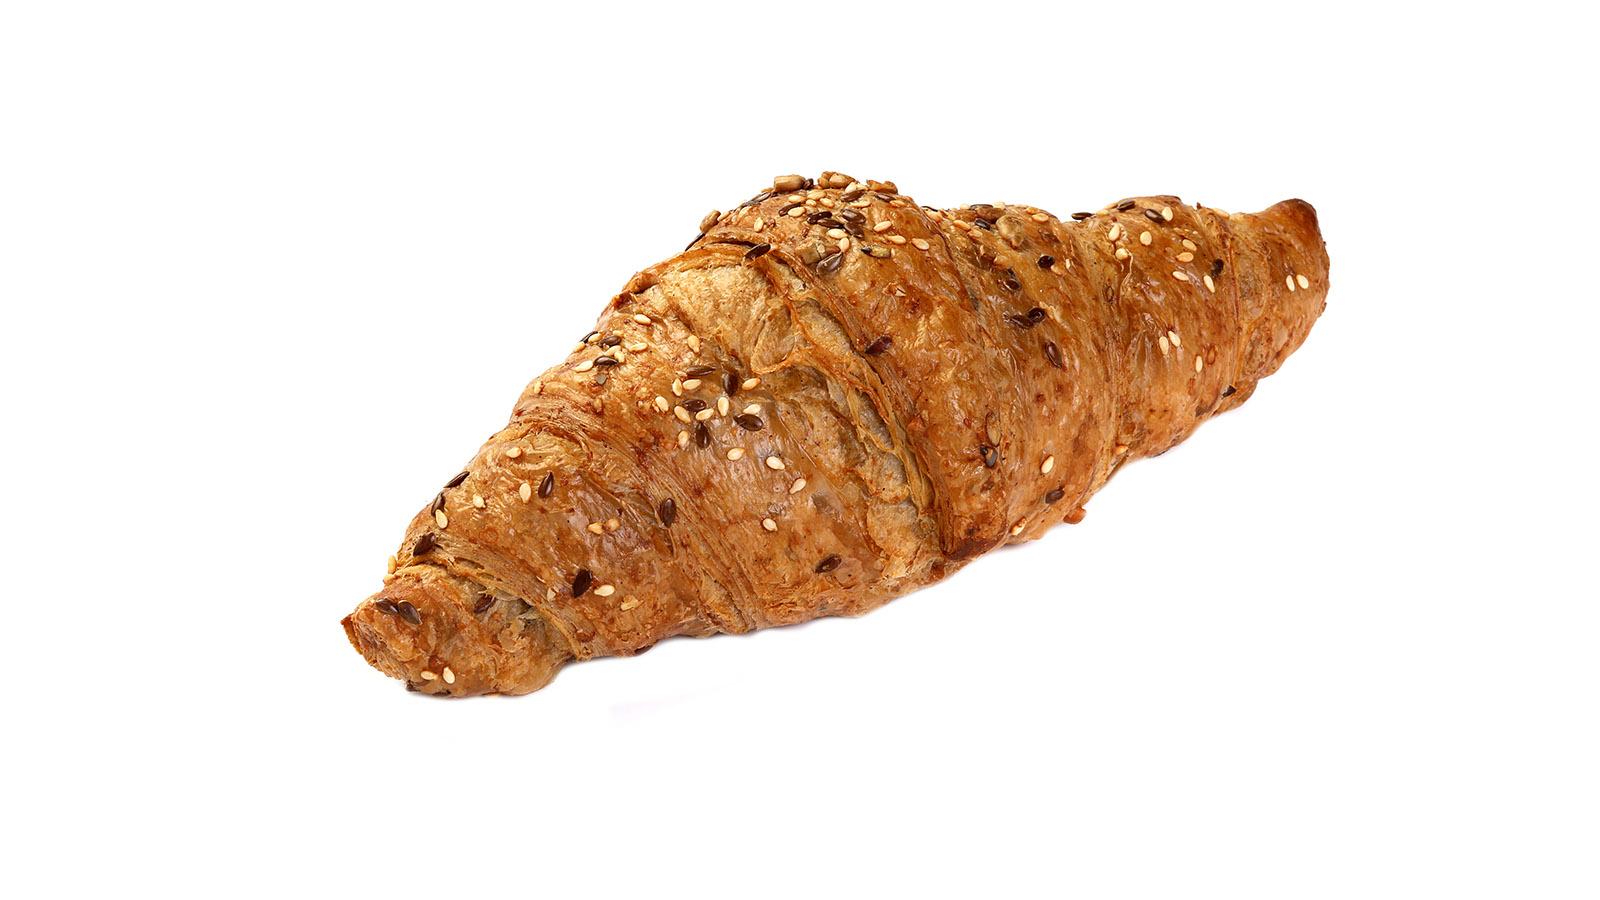 Multigrain croissant